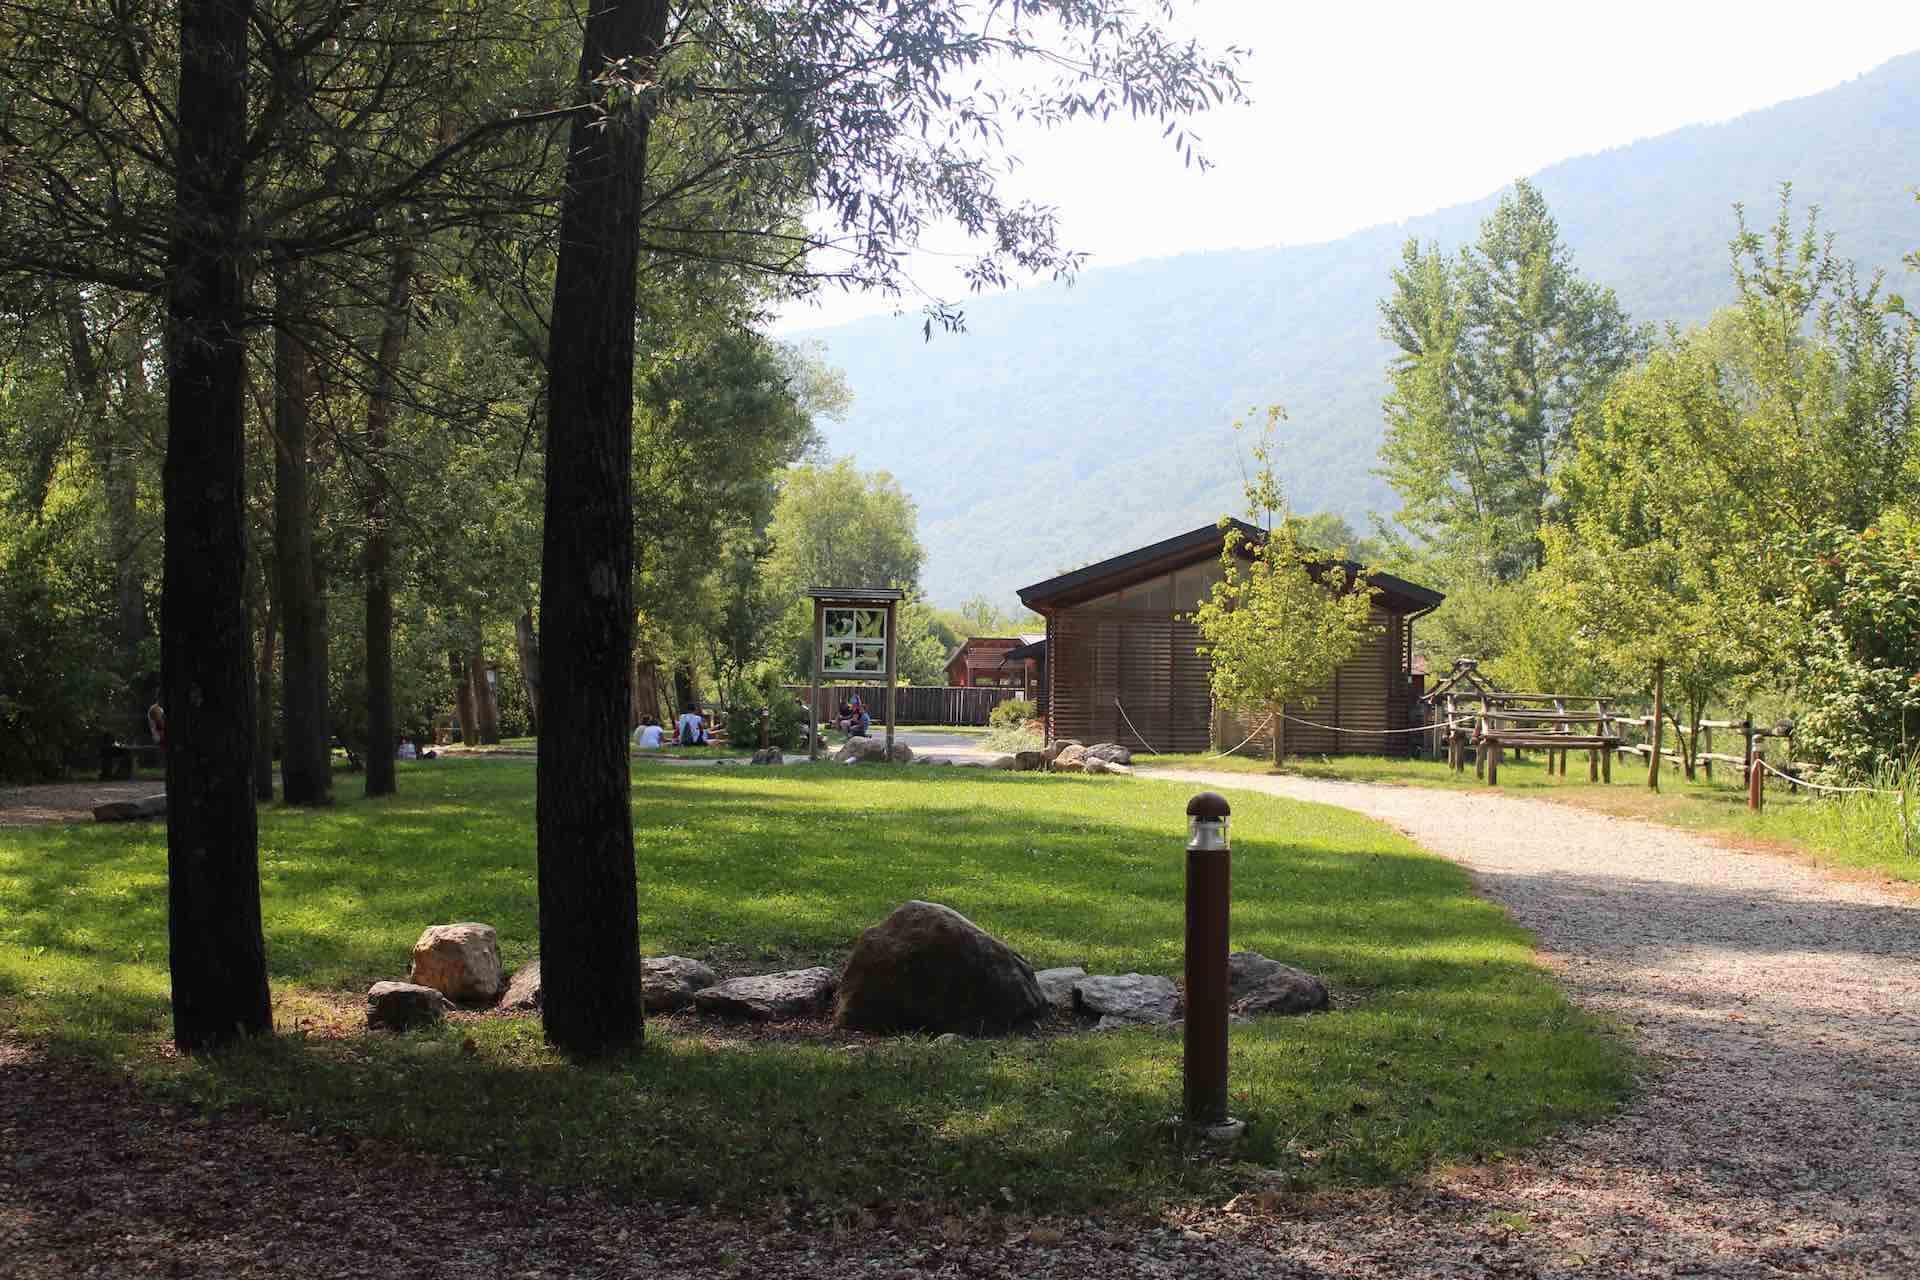 Il parco archeologico del Livelet permette di visitare strutture abitative preistoriche, interaggire con utensili preistorici e propone attività didattiche culturali